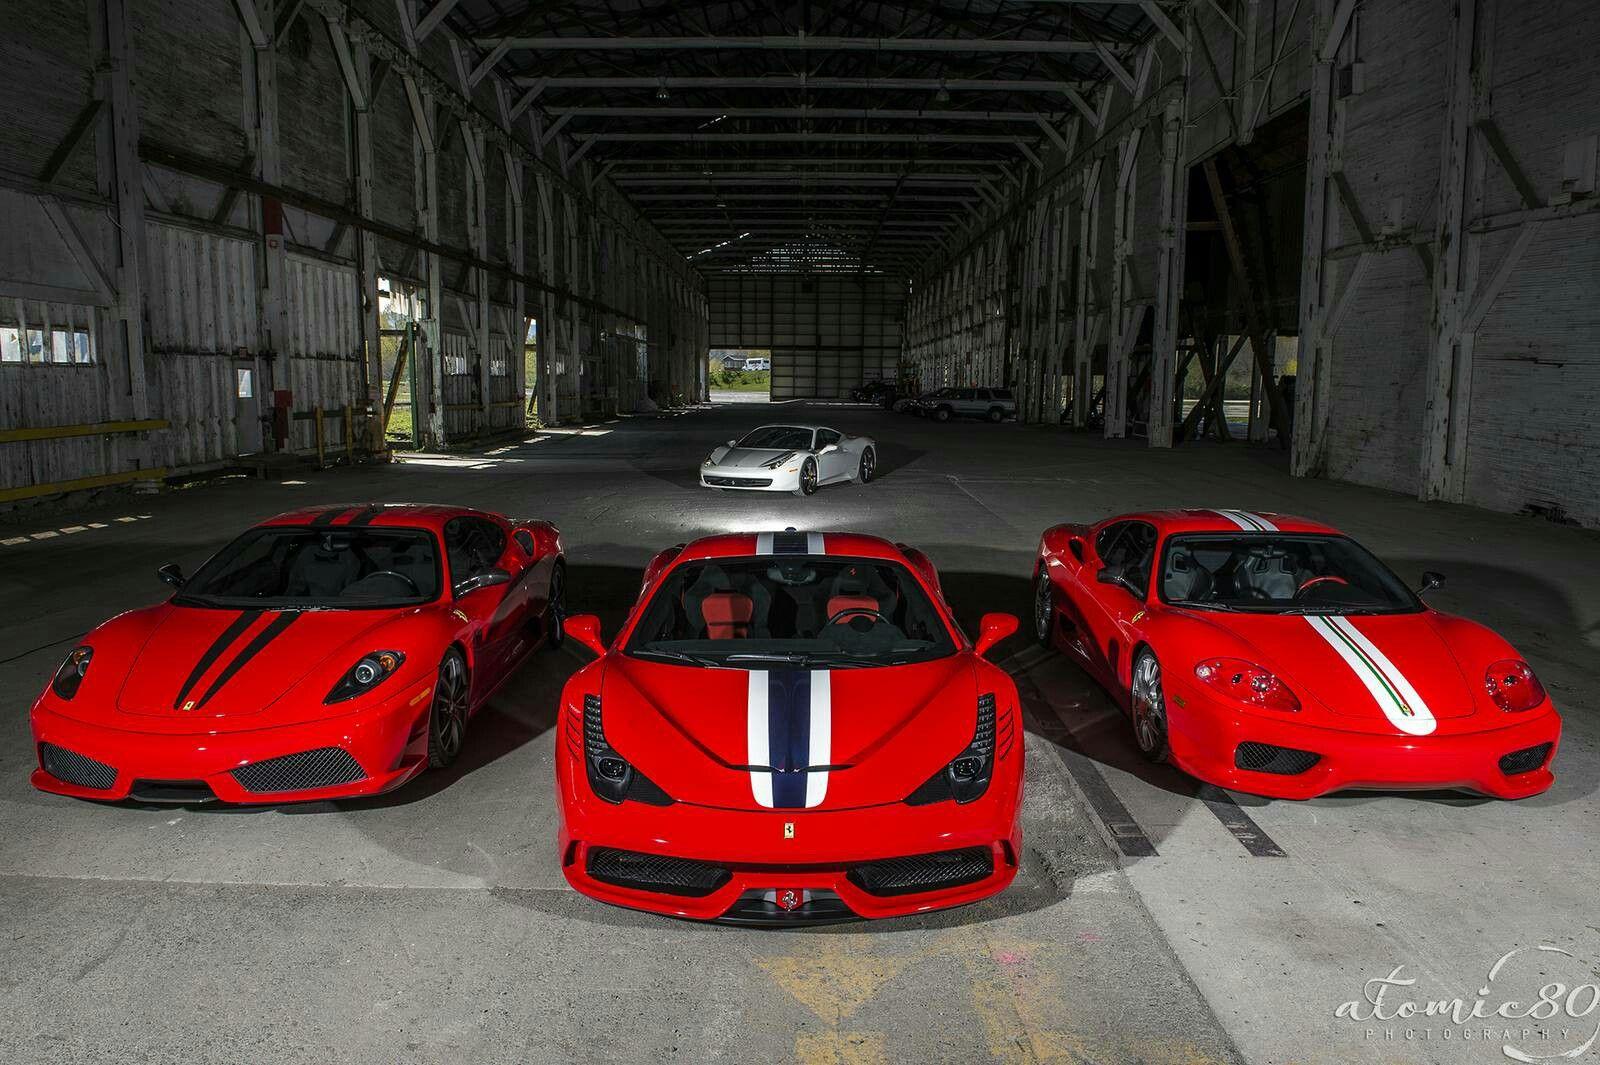 Ferrari 458 Specialle Vs Ferrari F430 Scuderia Vs Ferrari 360 Challenge Stradale Moda Masculina Casual Masculino